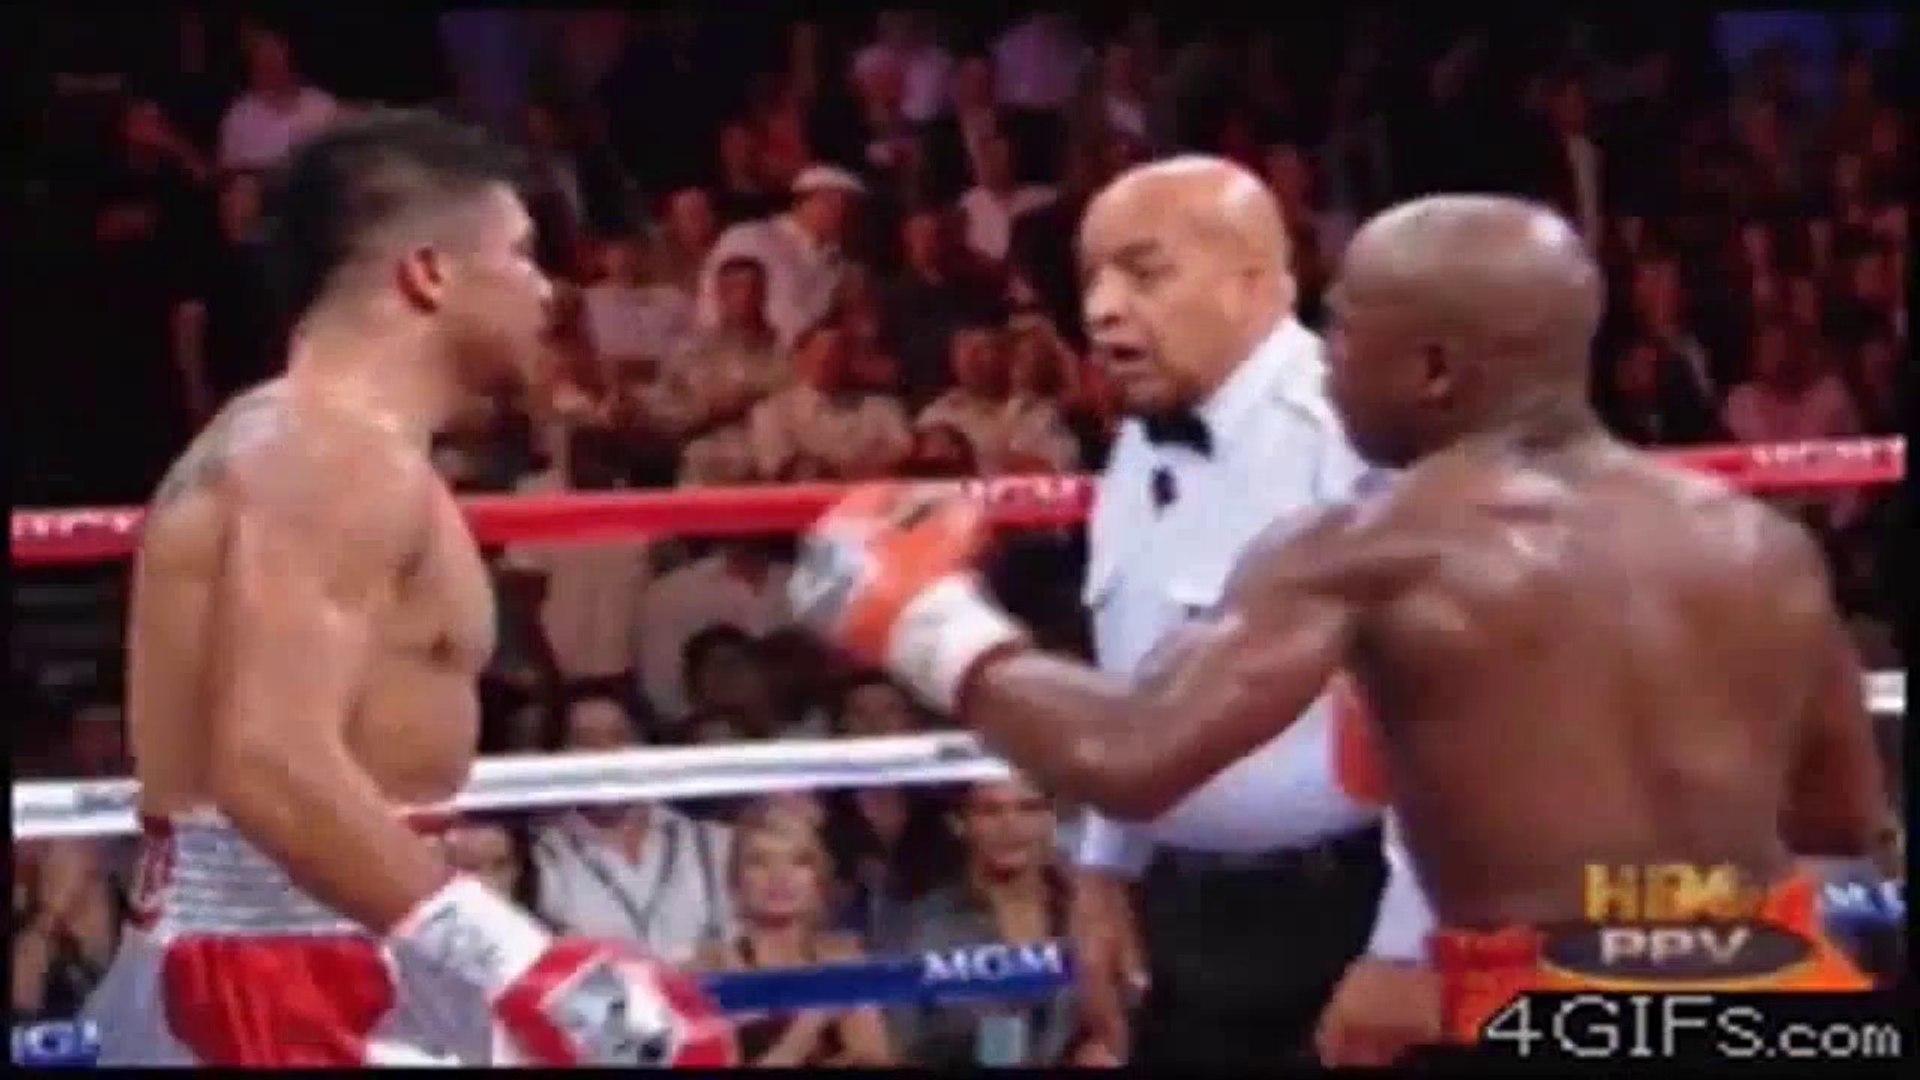 UFC VS MMA 2,MMA VS UFC part 2